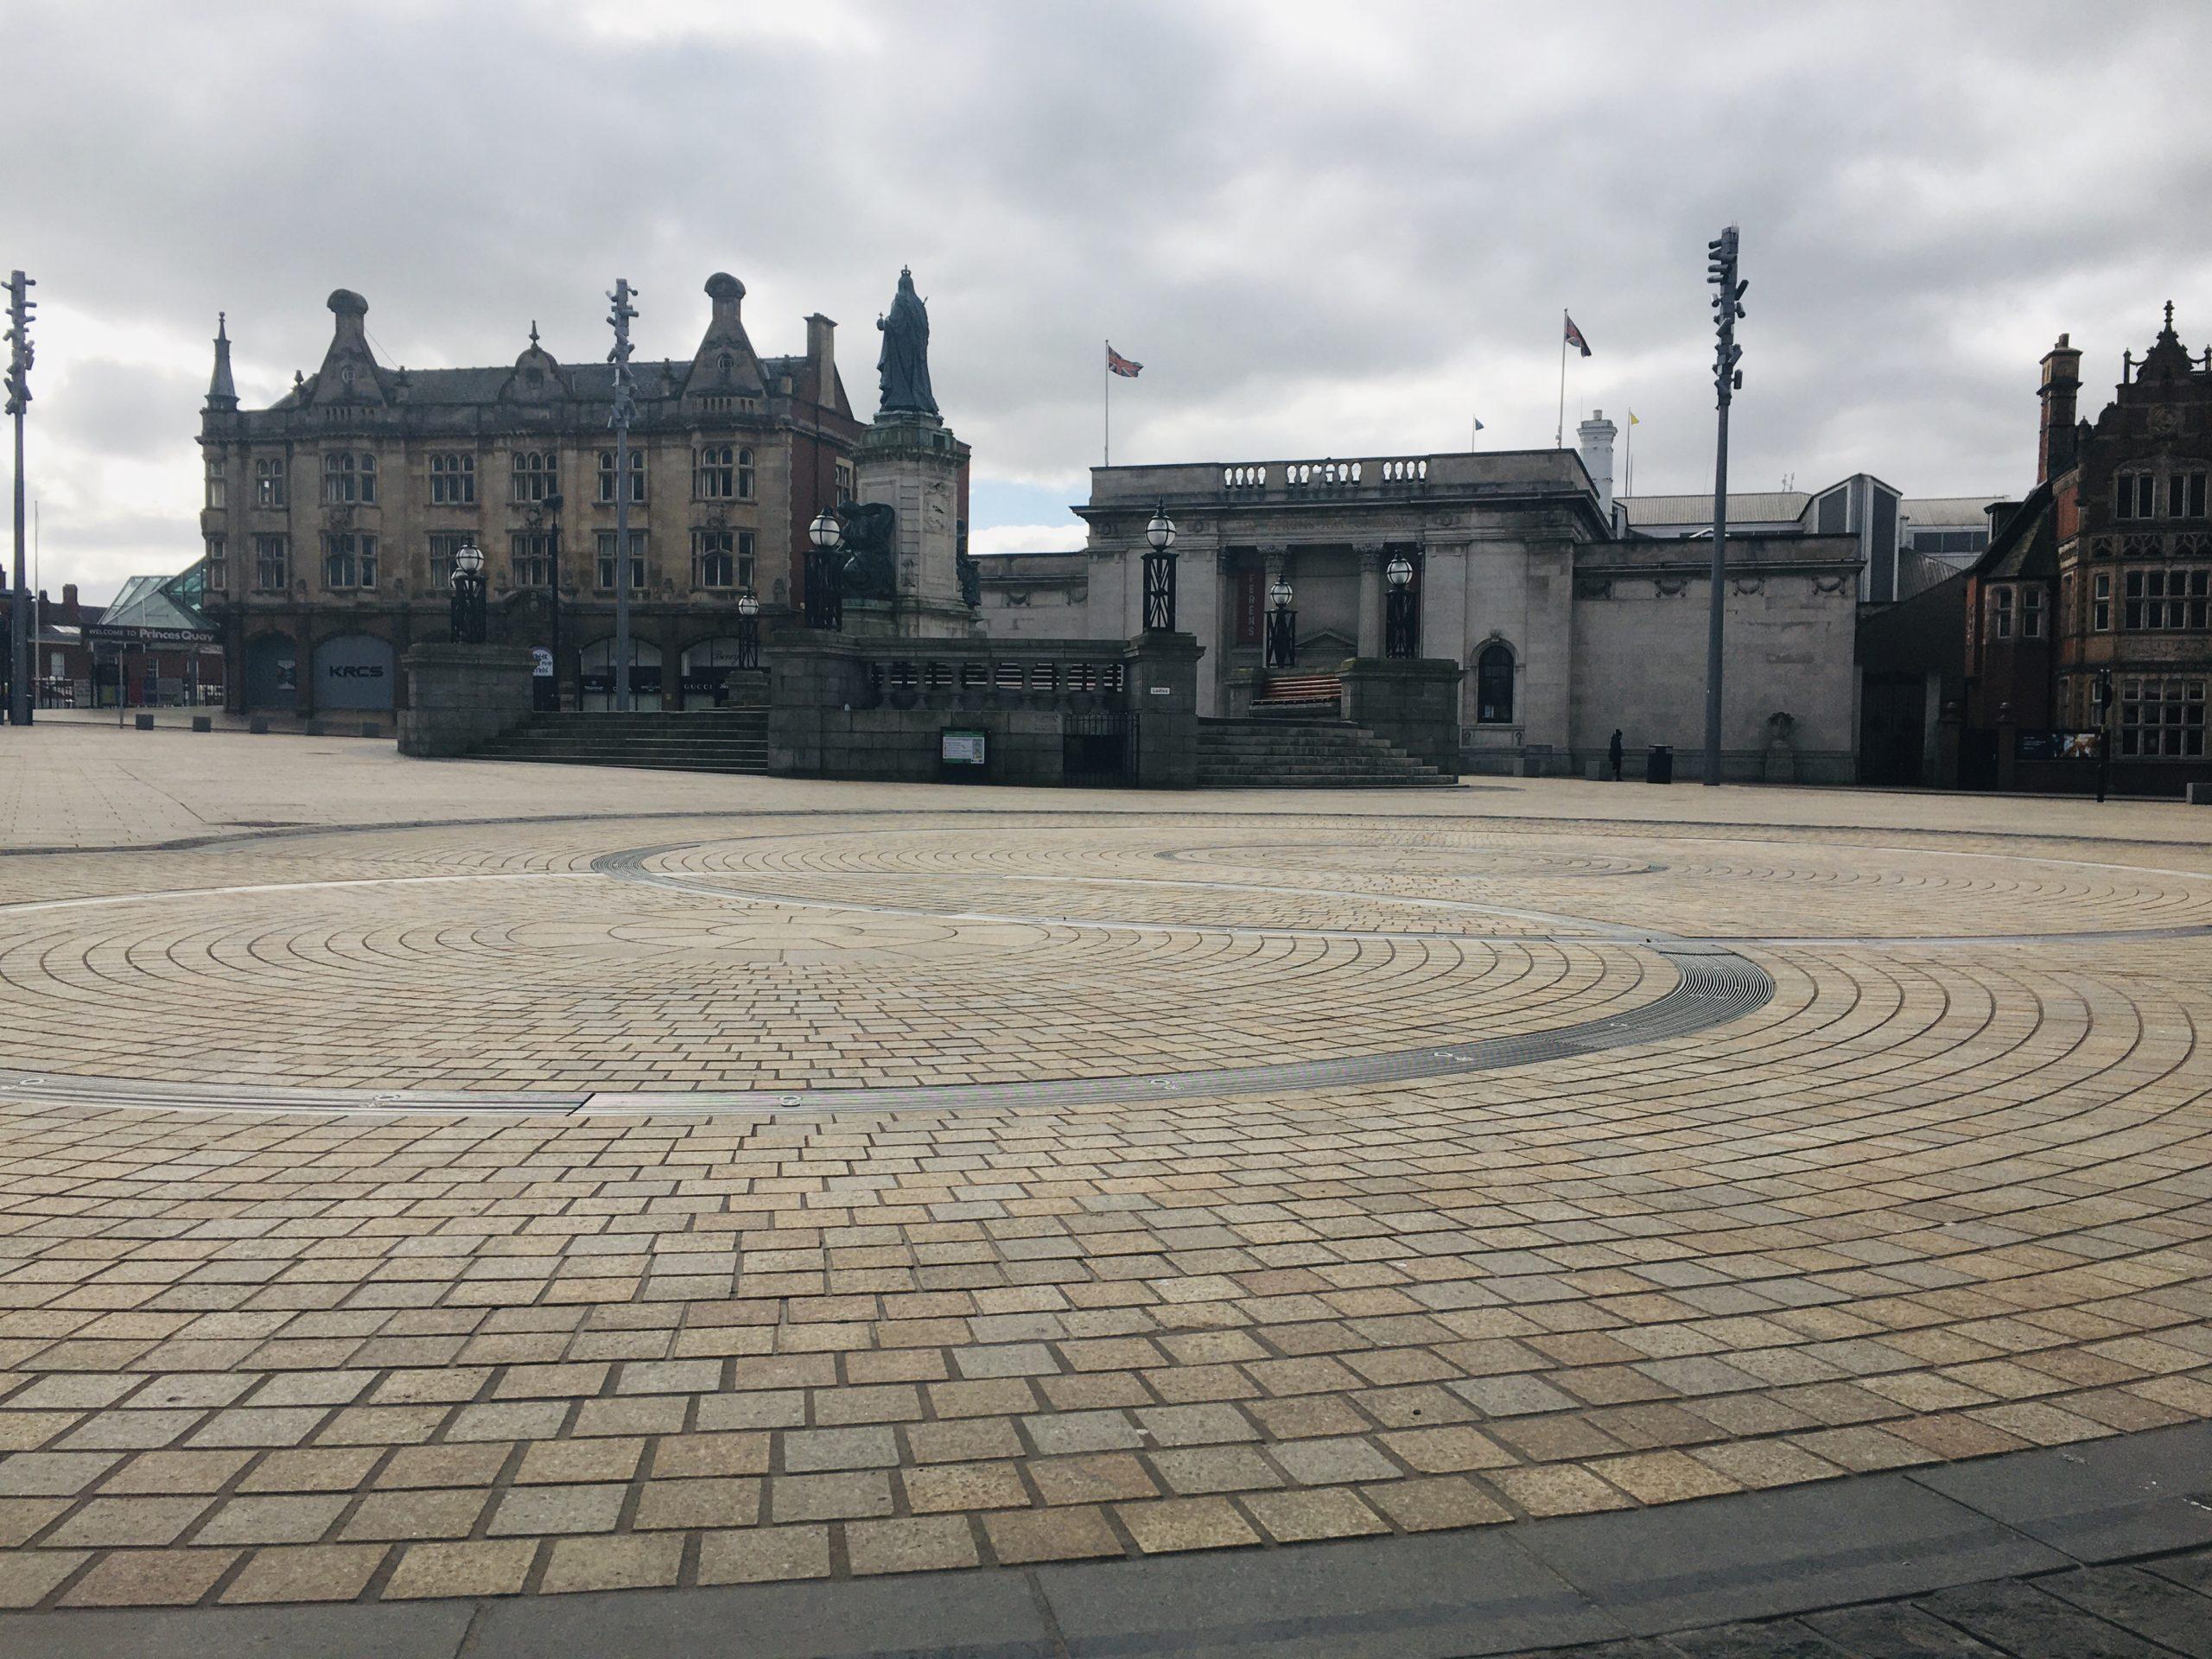 Queen Victoria Square coronavirus restrictions